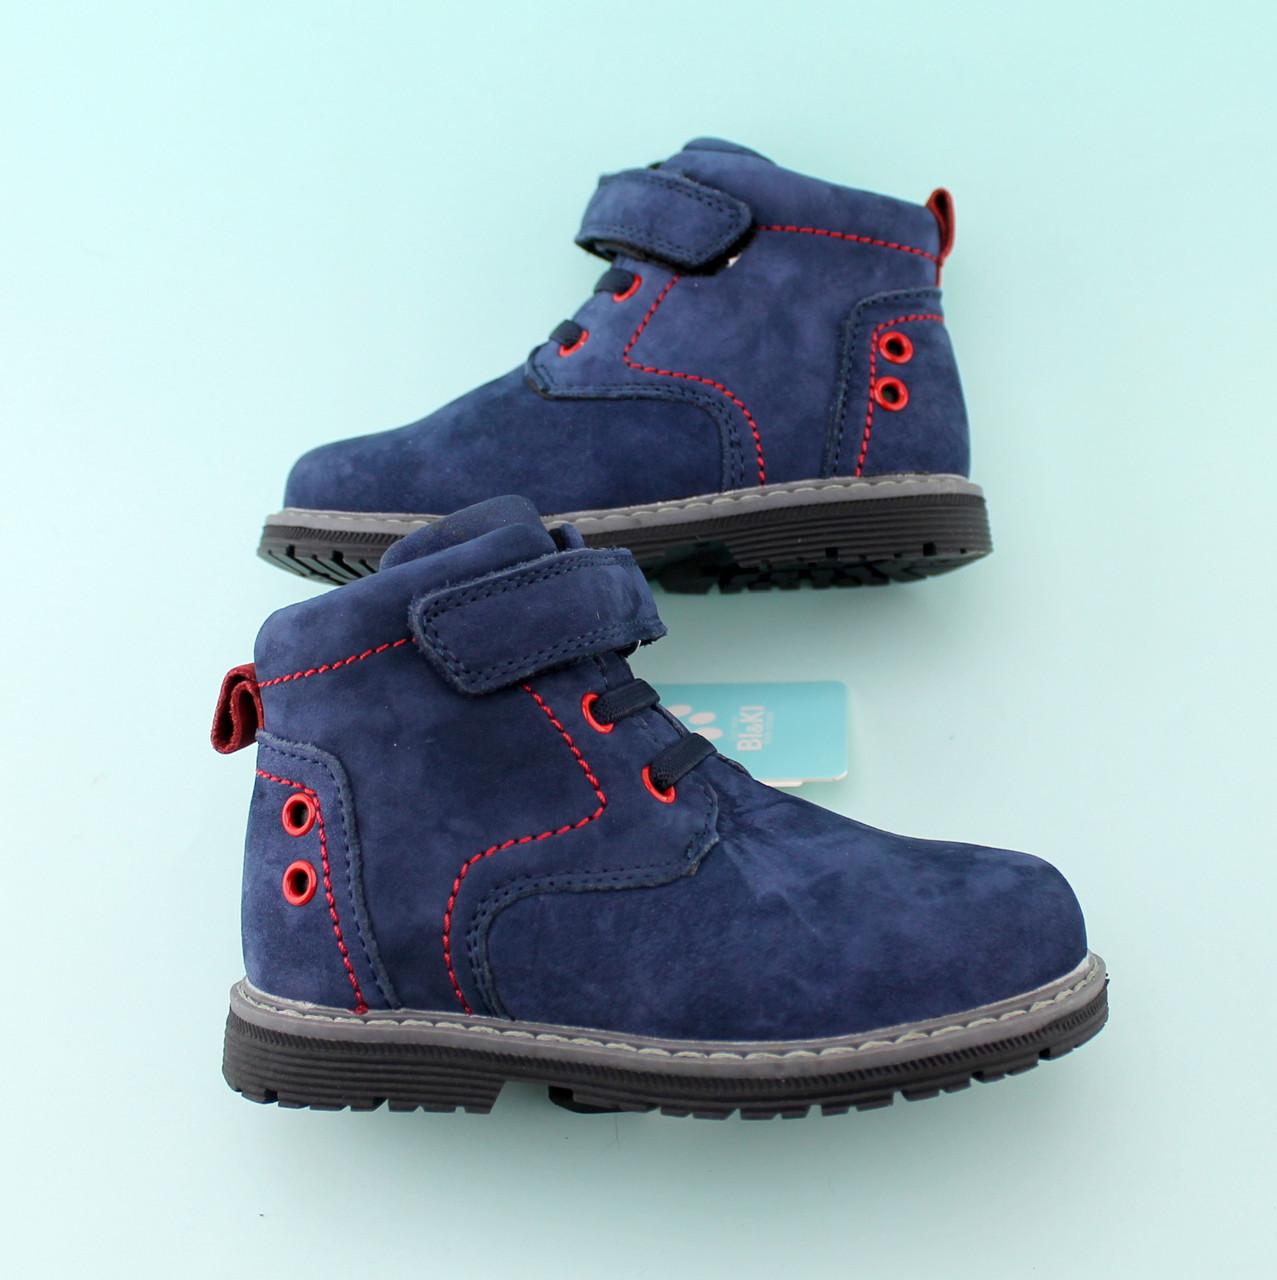 Детские ботинки демисезонные  мальчику (кожа) тм Том.м размер 21,22,25